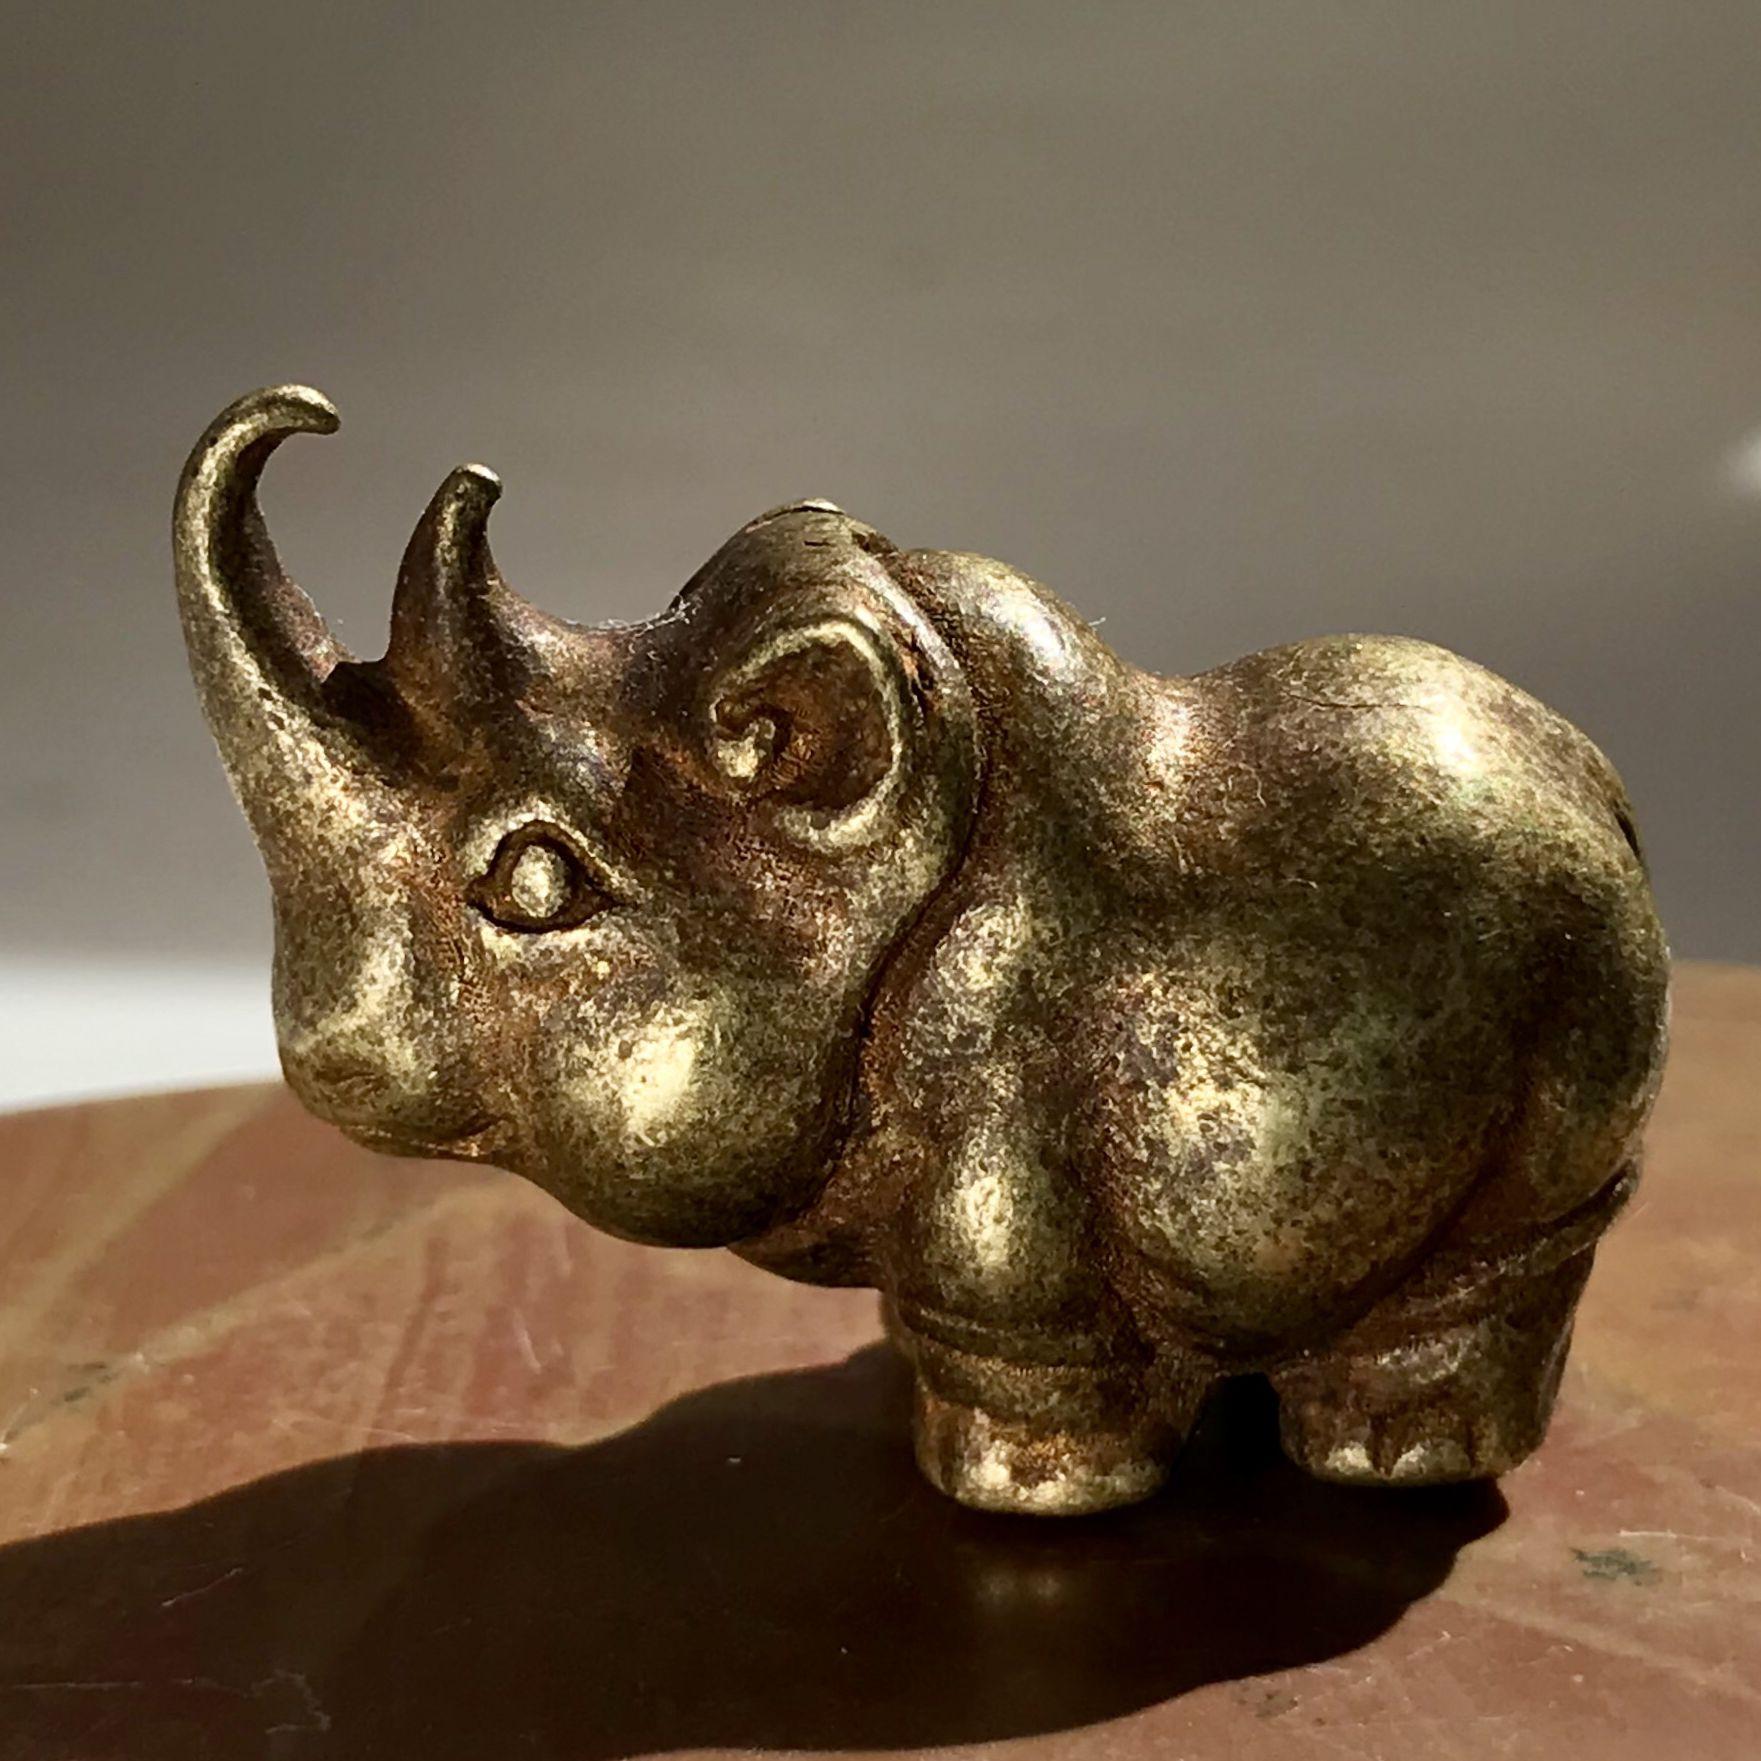 0元 这个小胖犀牛太可爱了,圆鼓鼓胖嘟嘟,通知精纯,十分压手.